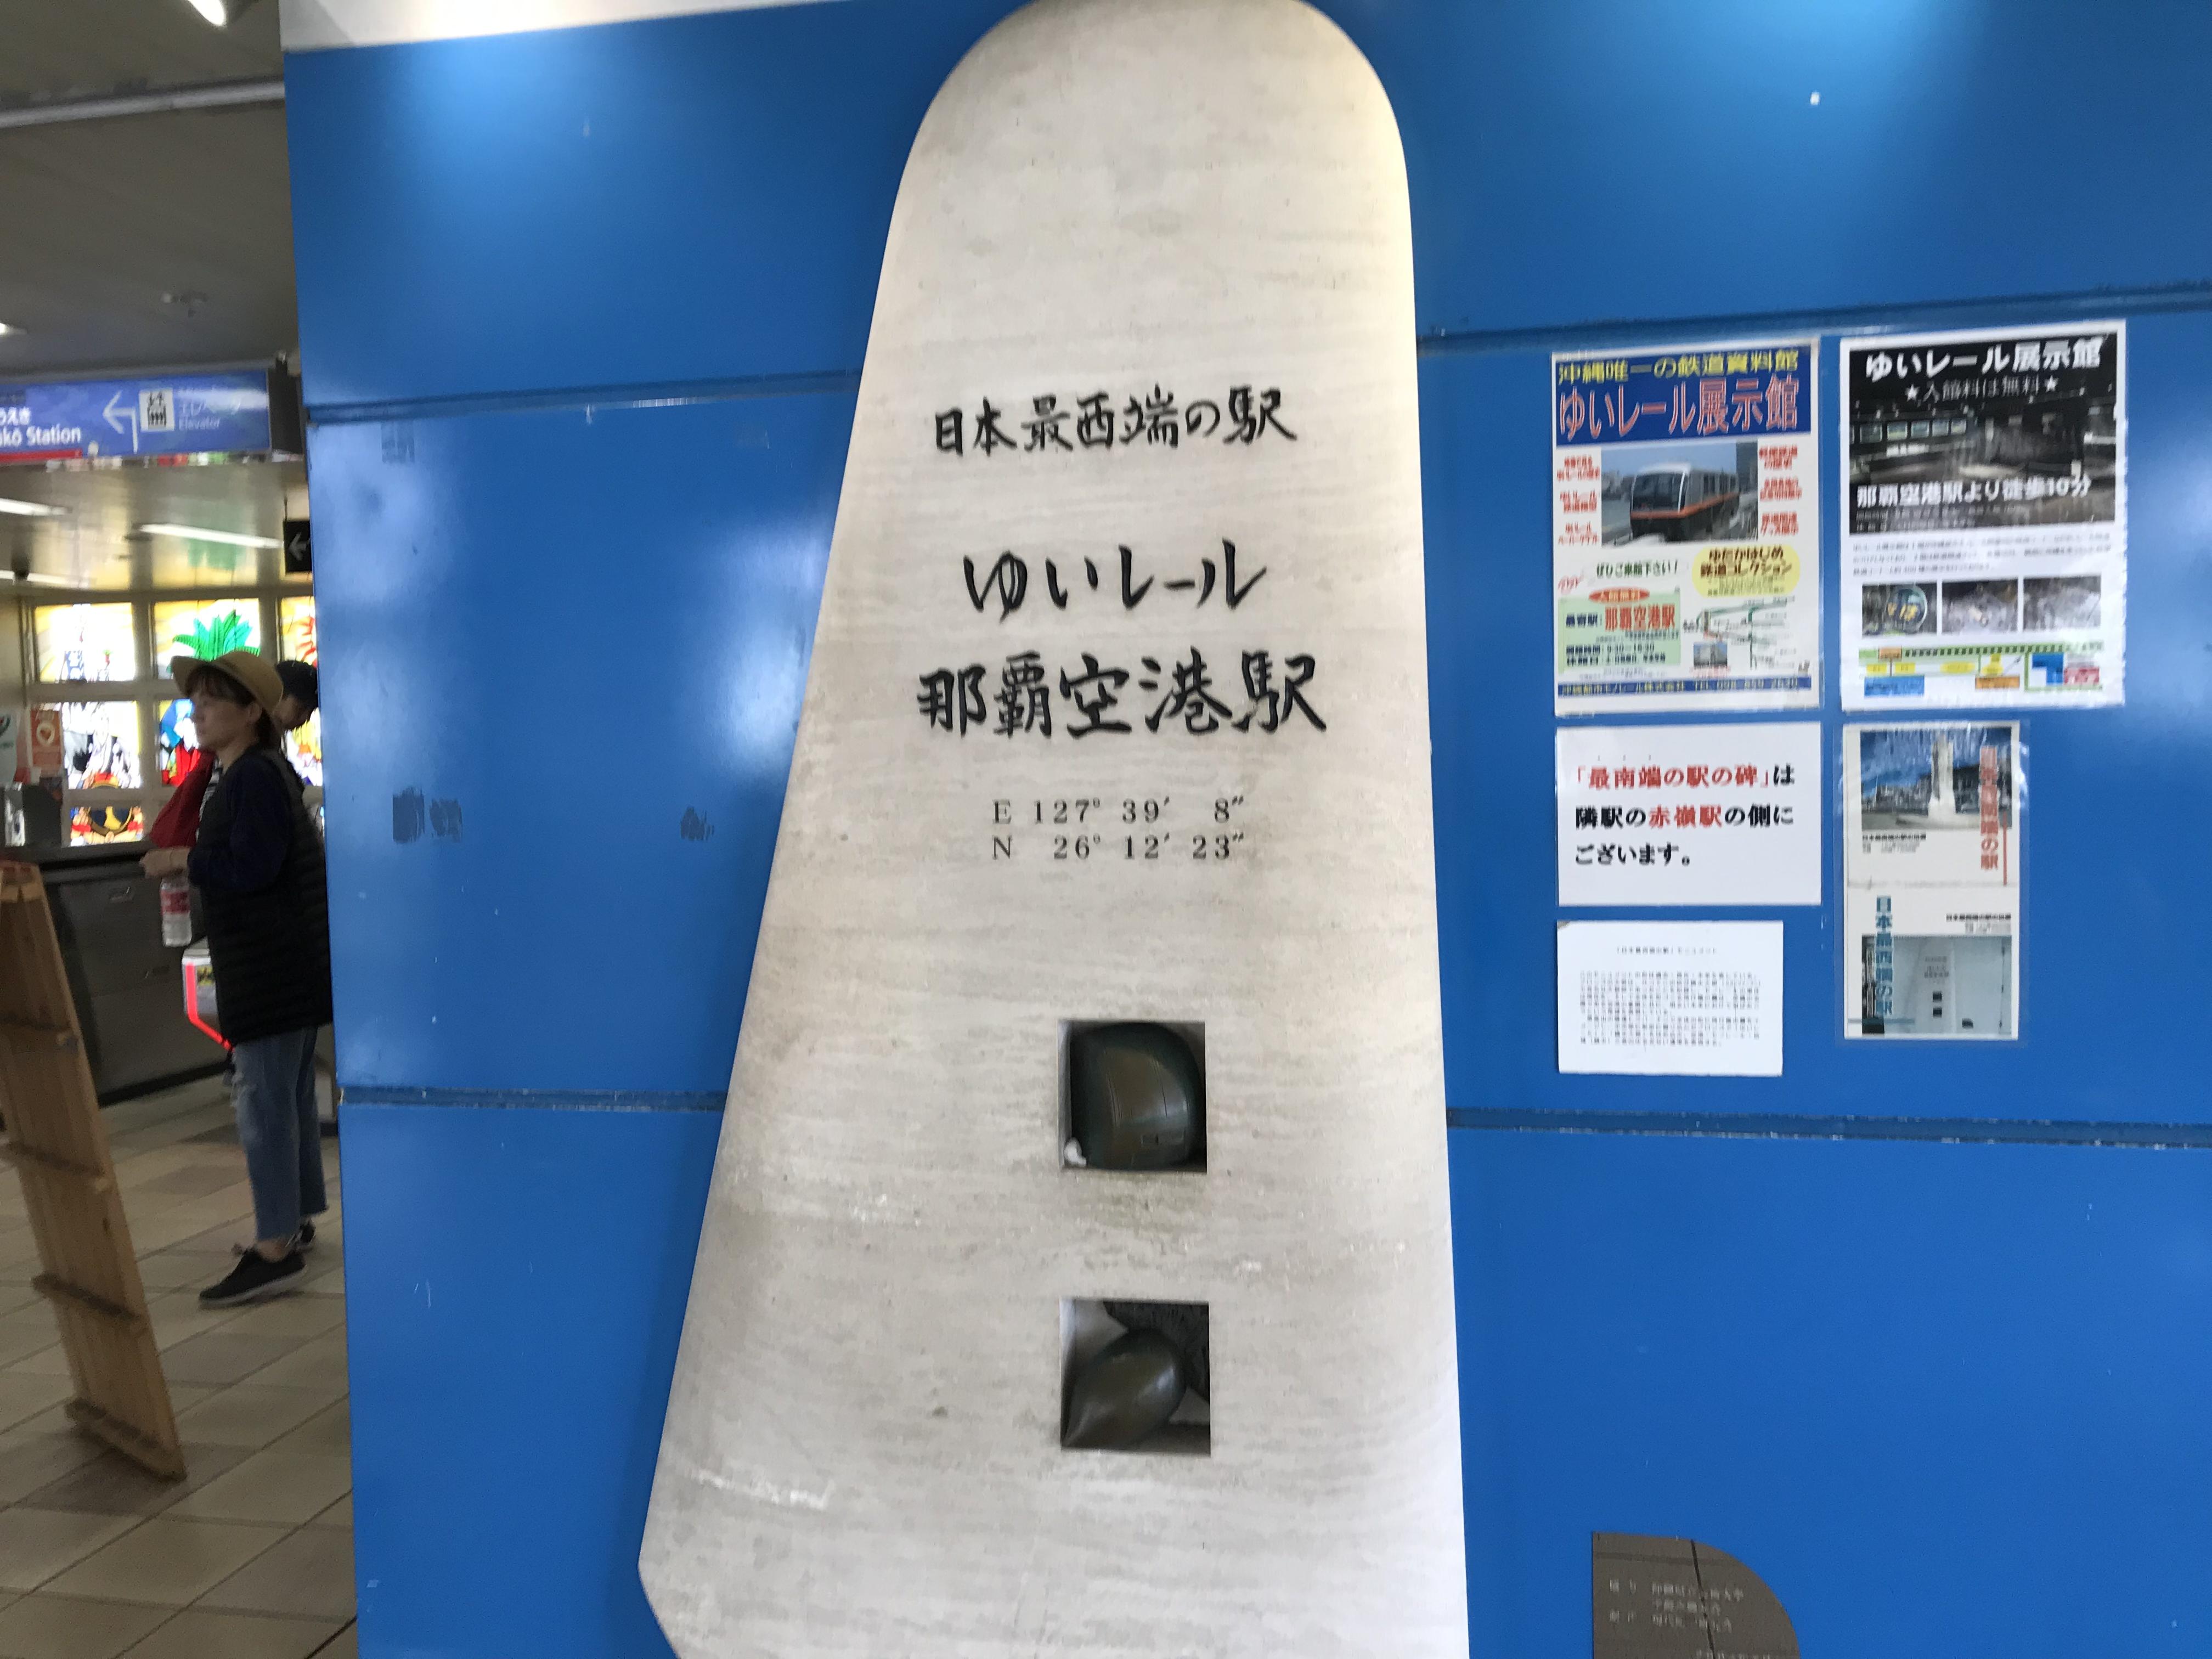 那覇空港のおすすめのお土産情報!沖縄限定商品をゲットすべし!